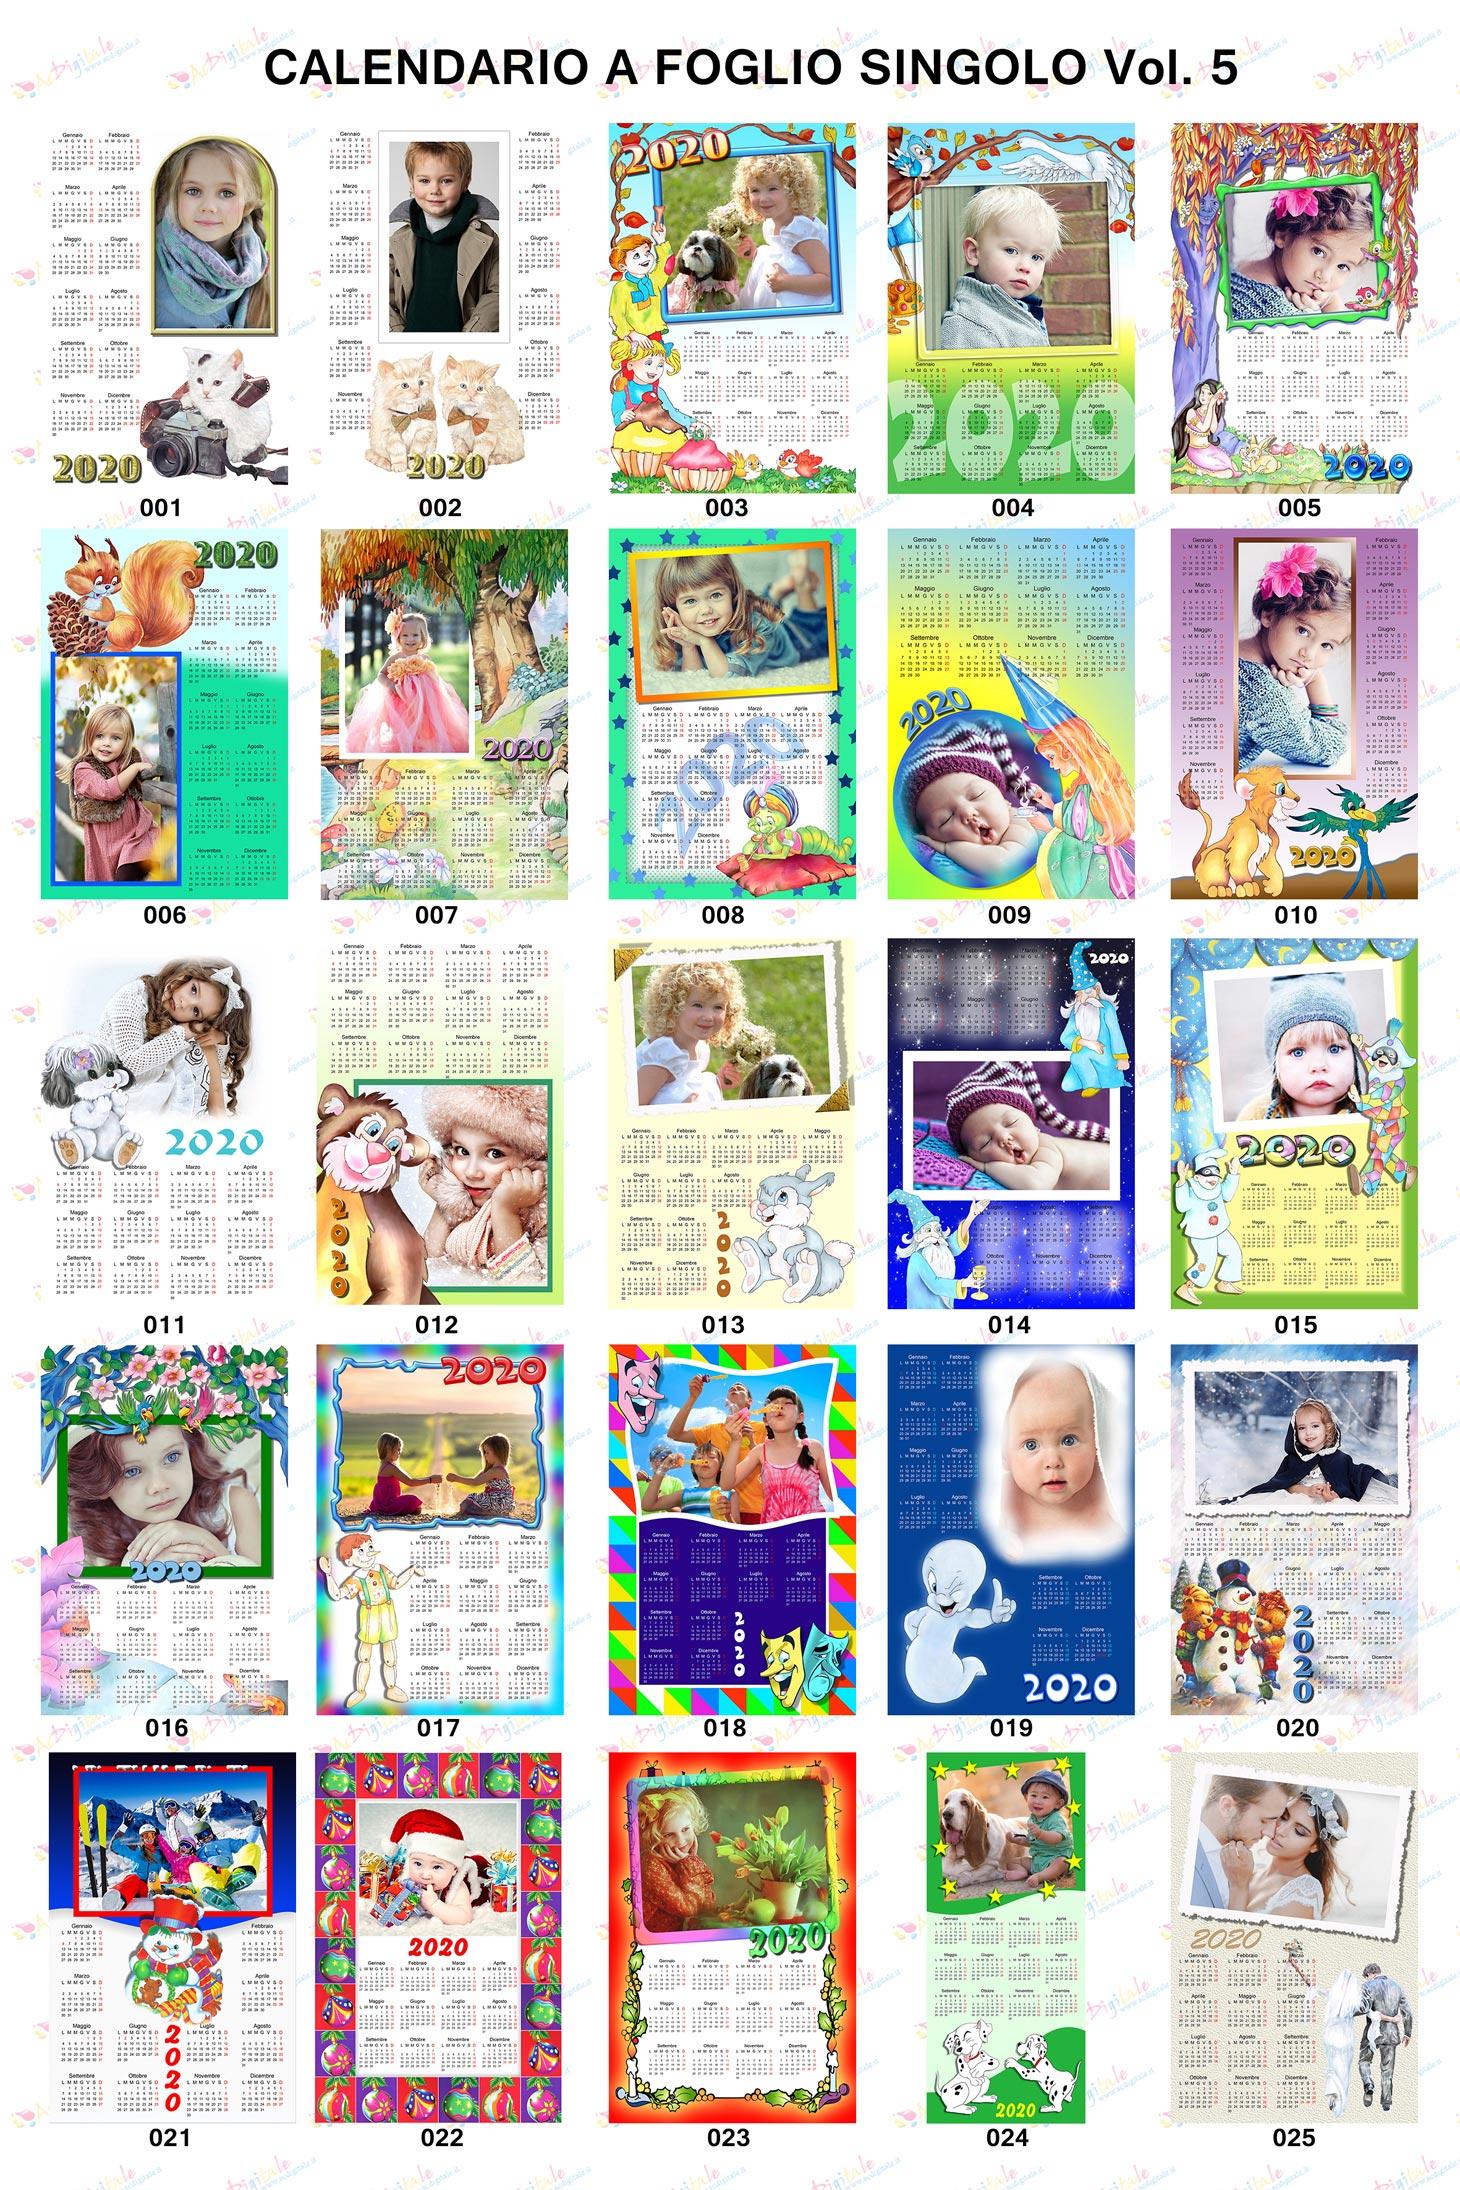 Anteprima calendari 2020 volume 5